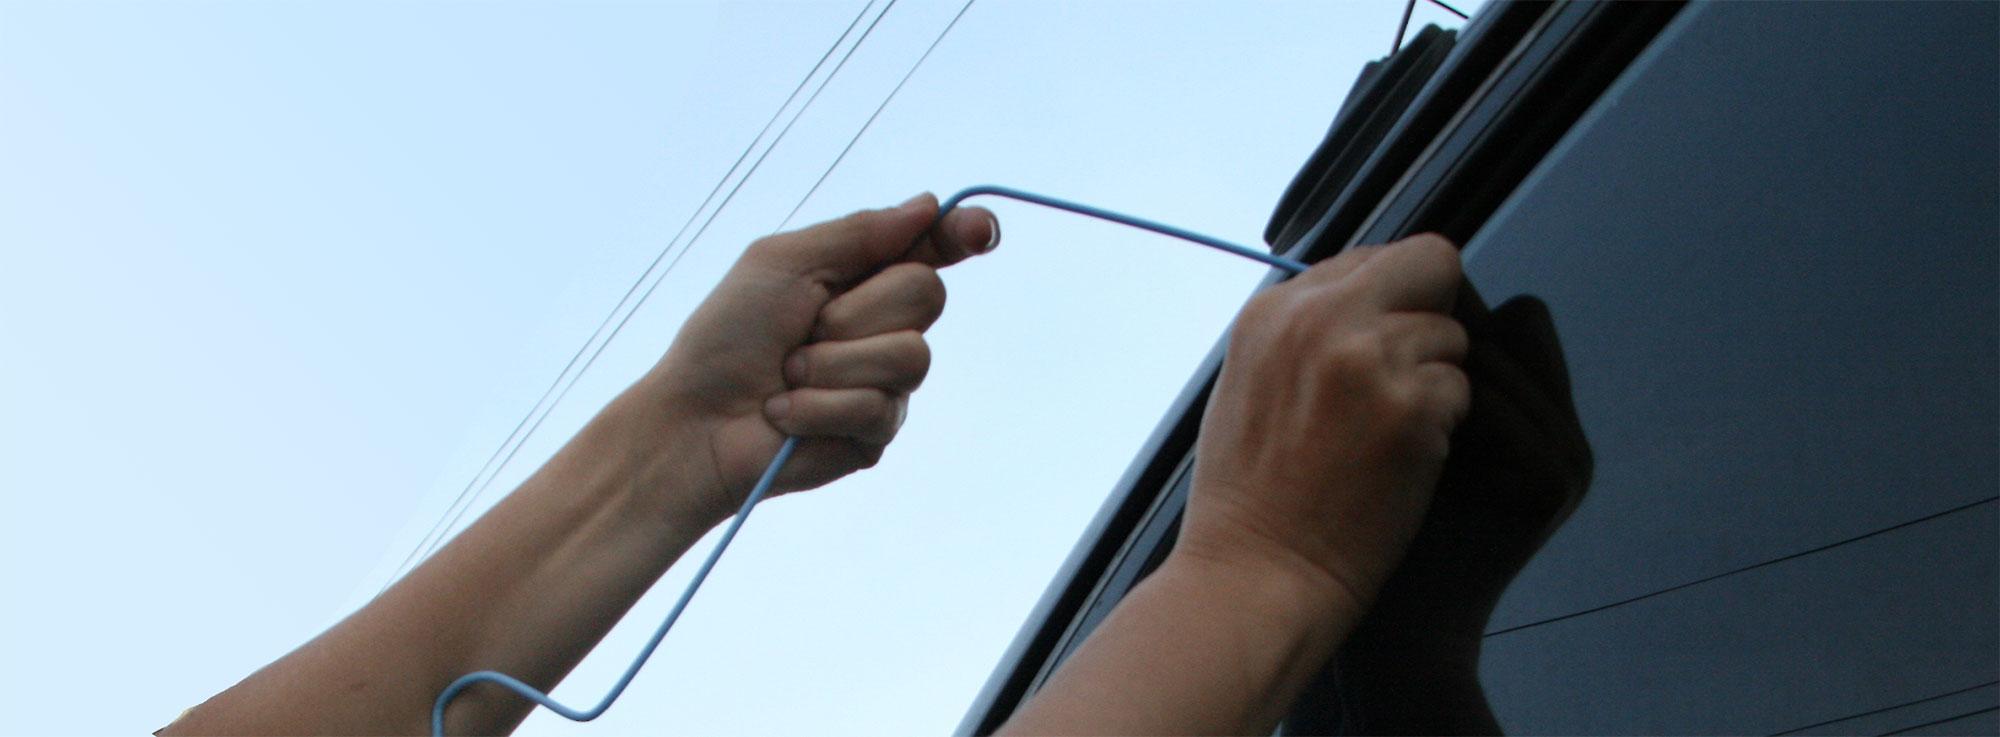 openingCar